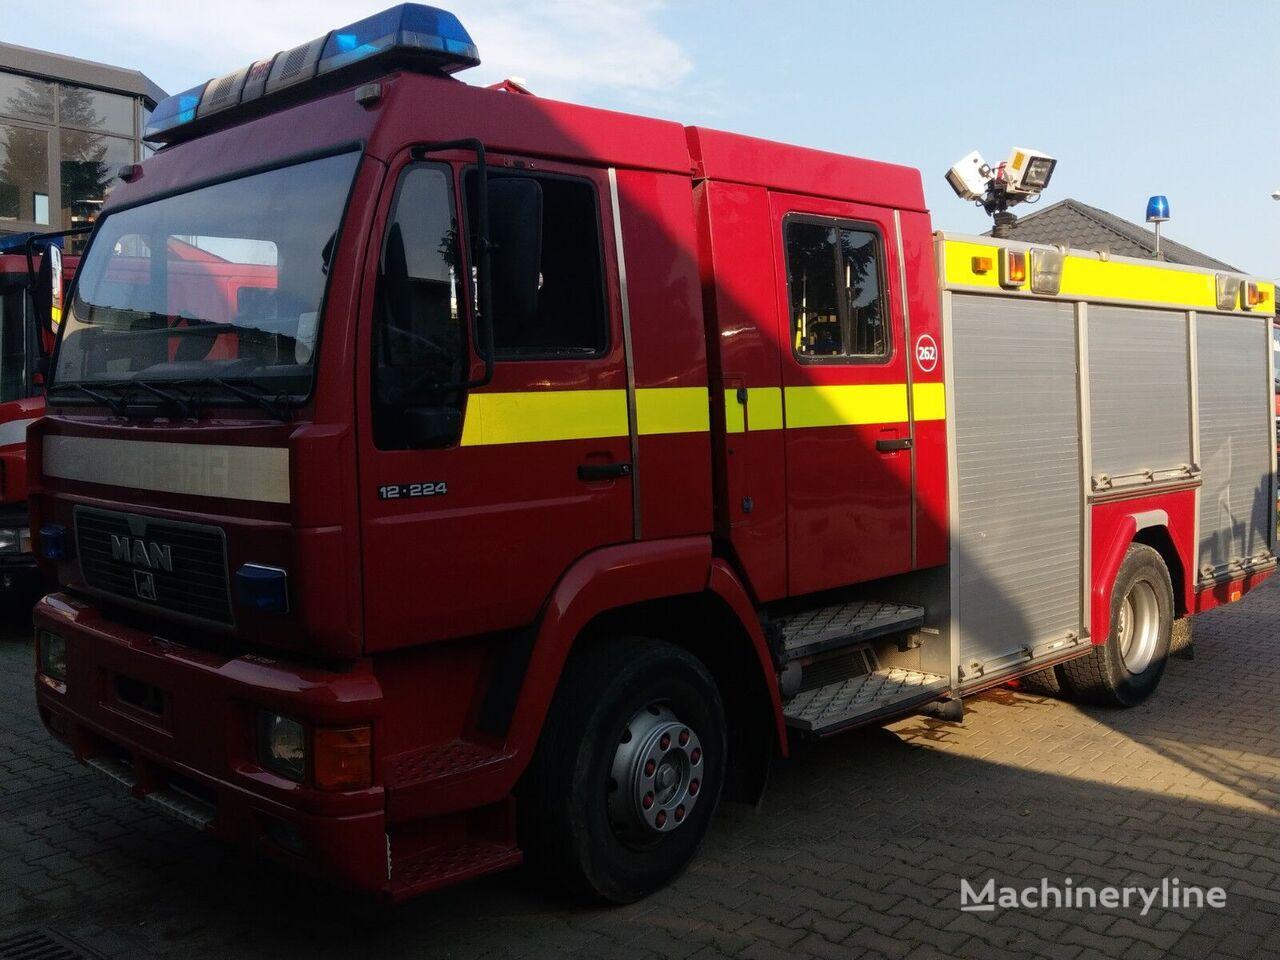 camión de bomberos MAN 12.224F